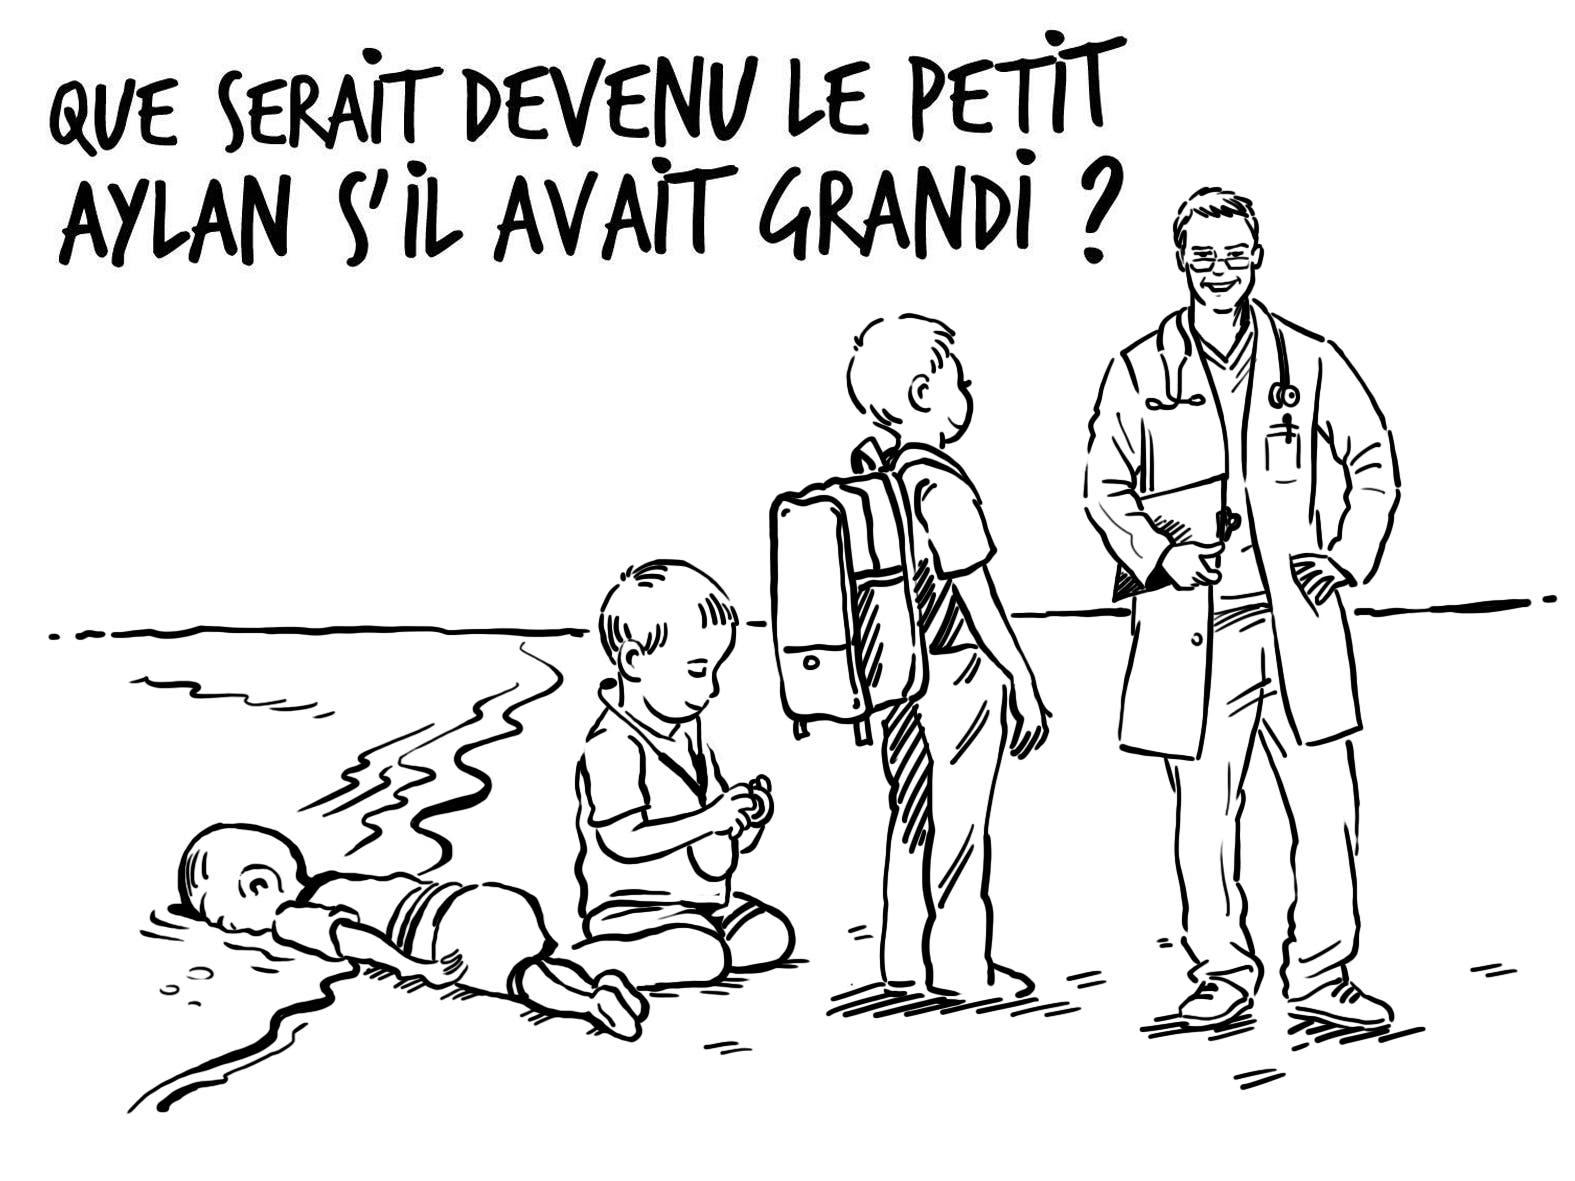 الرسم الكاريكاتيري باللغة الفرنسية